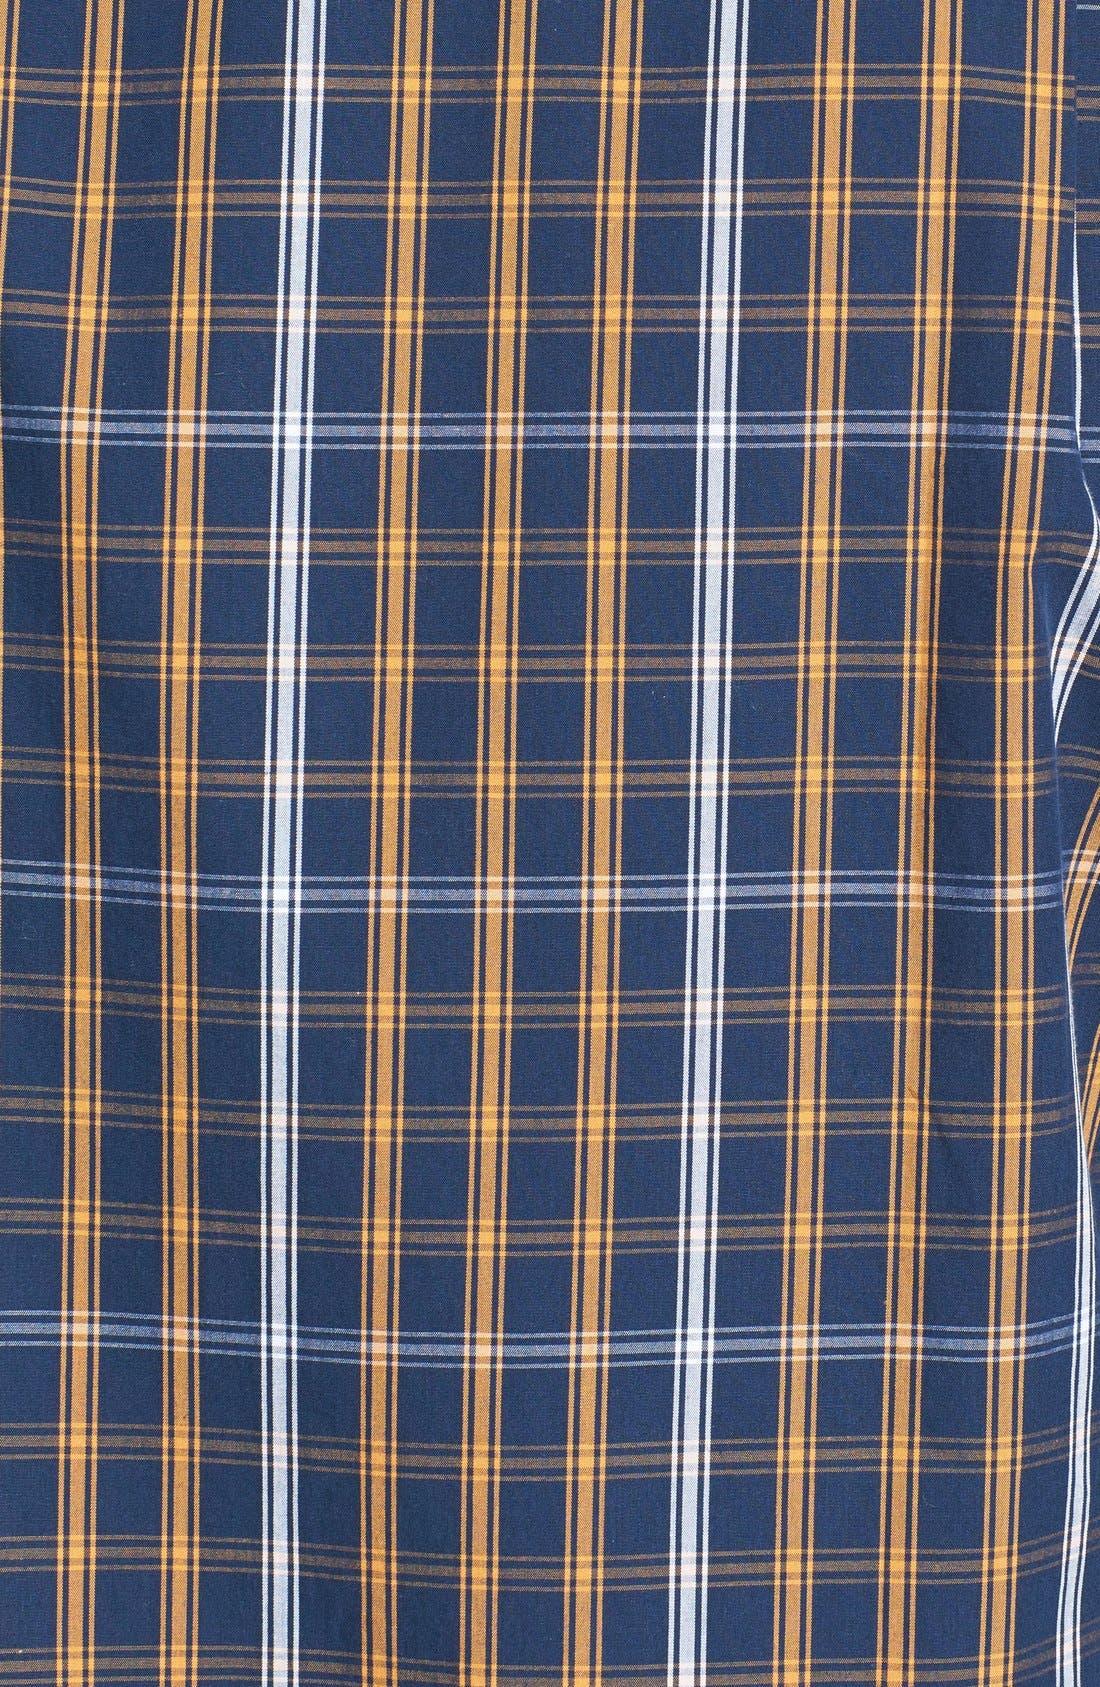 Alternate Image 3  - Nordstrom Short Sleeve Woven Sport Shirt